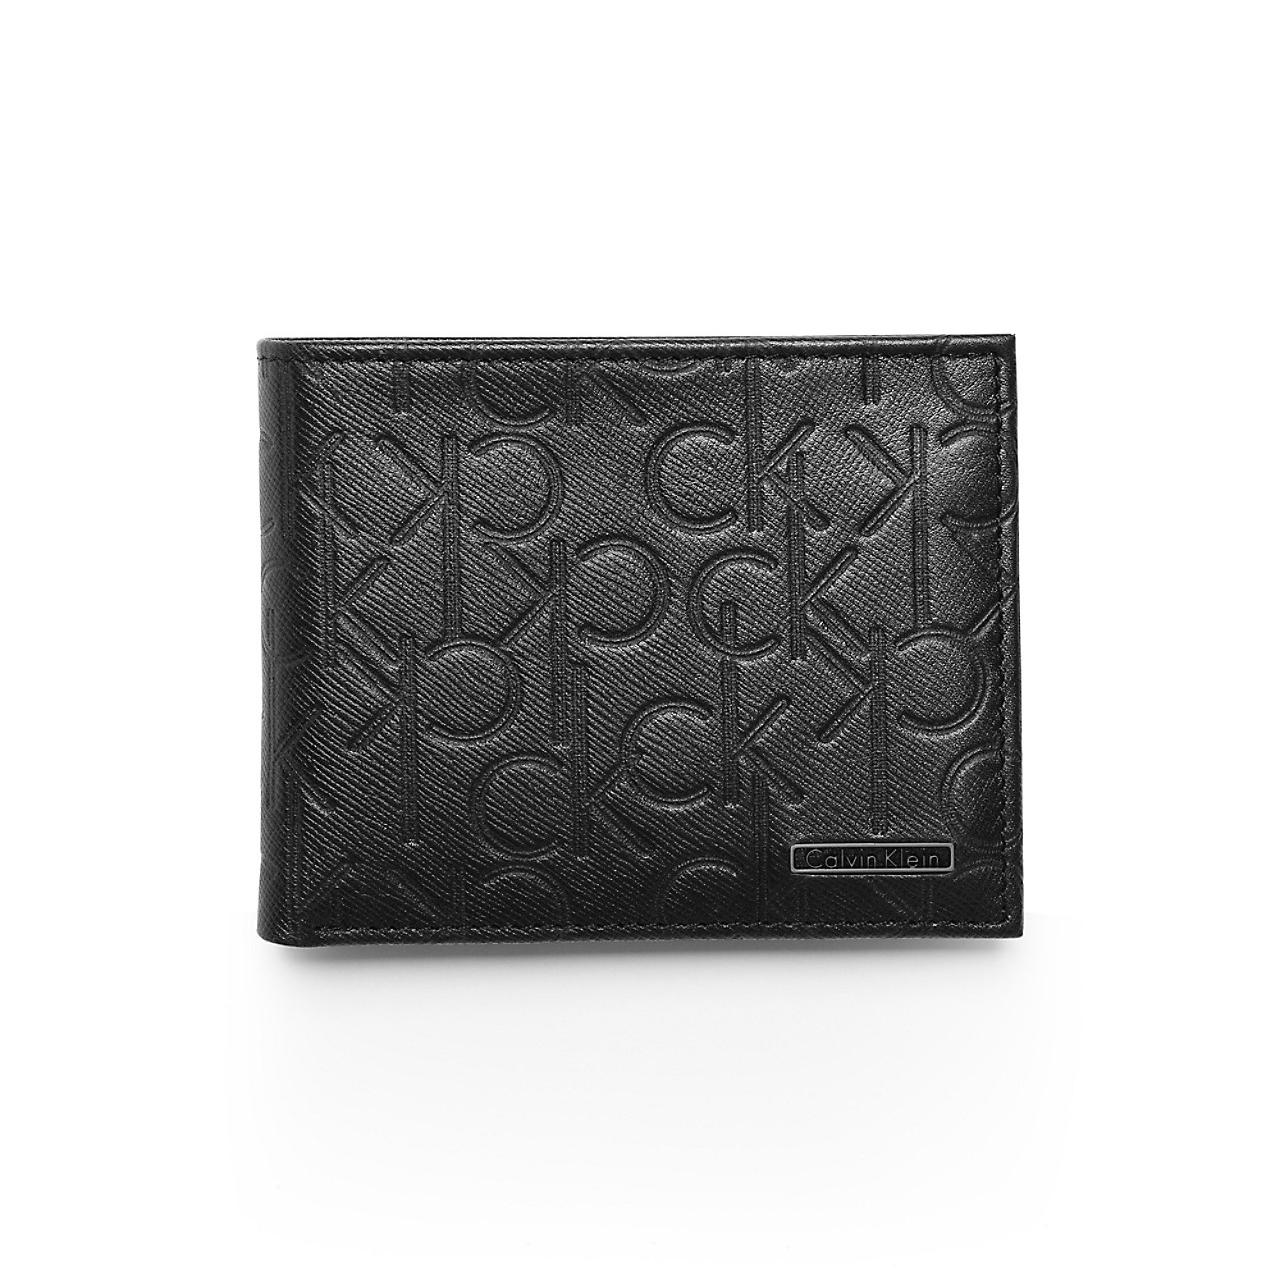 美國百分百【Calvin Klein】皮夾 CK 短夾 真皮 二折 皮革 質感 鈔票 壓紋 男 黑色 F633